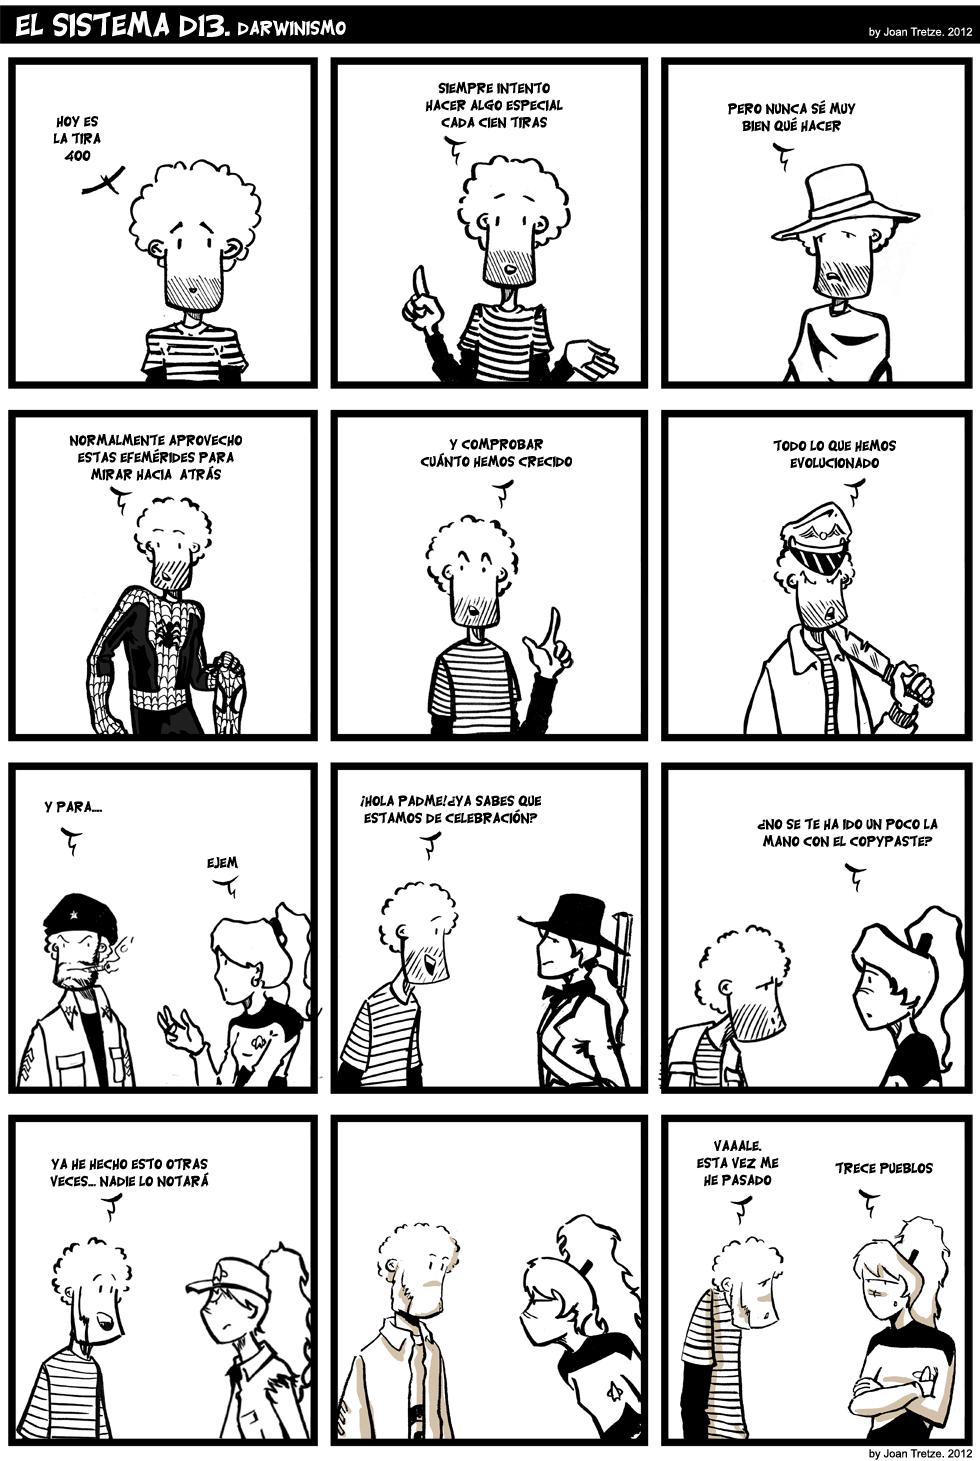 400. Darwinismo